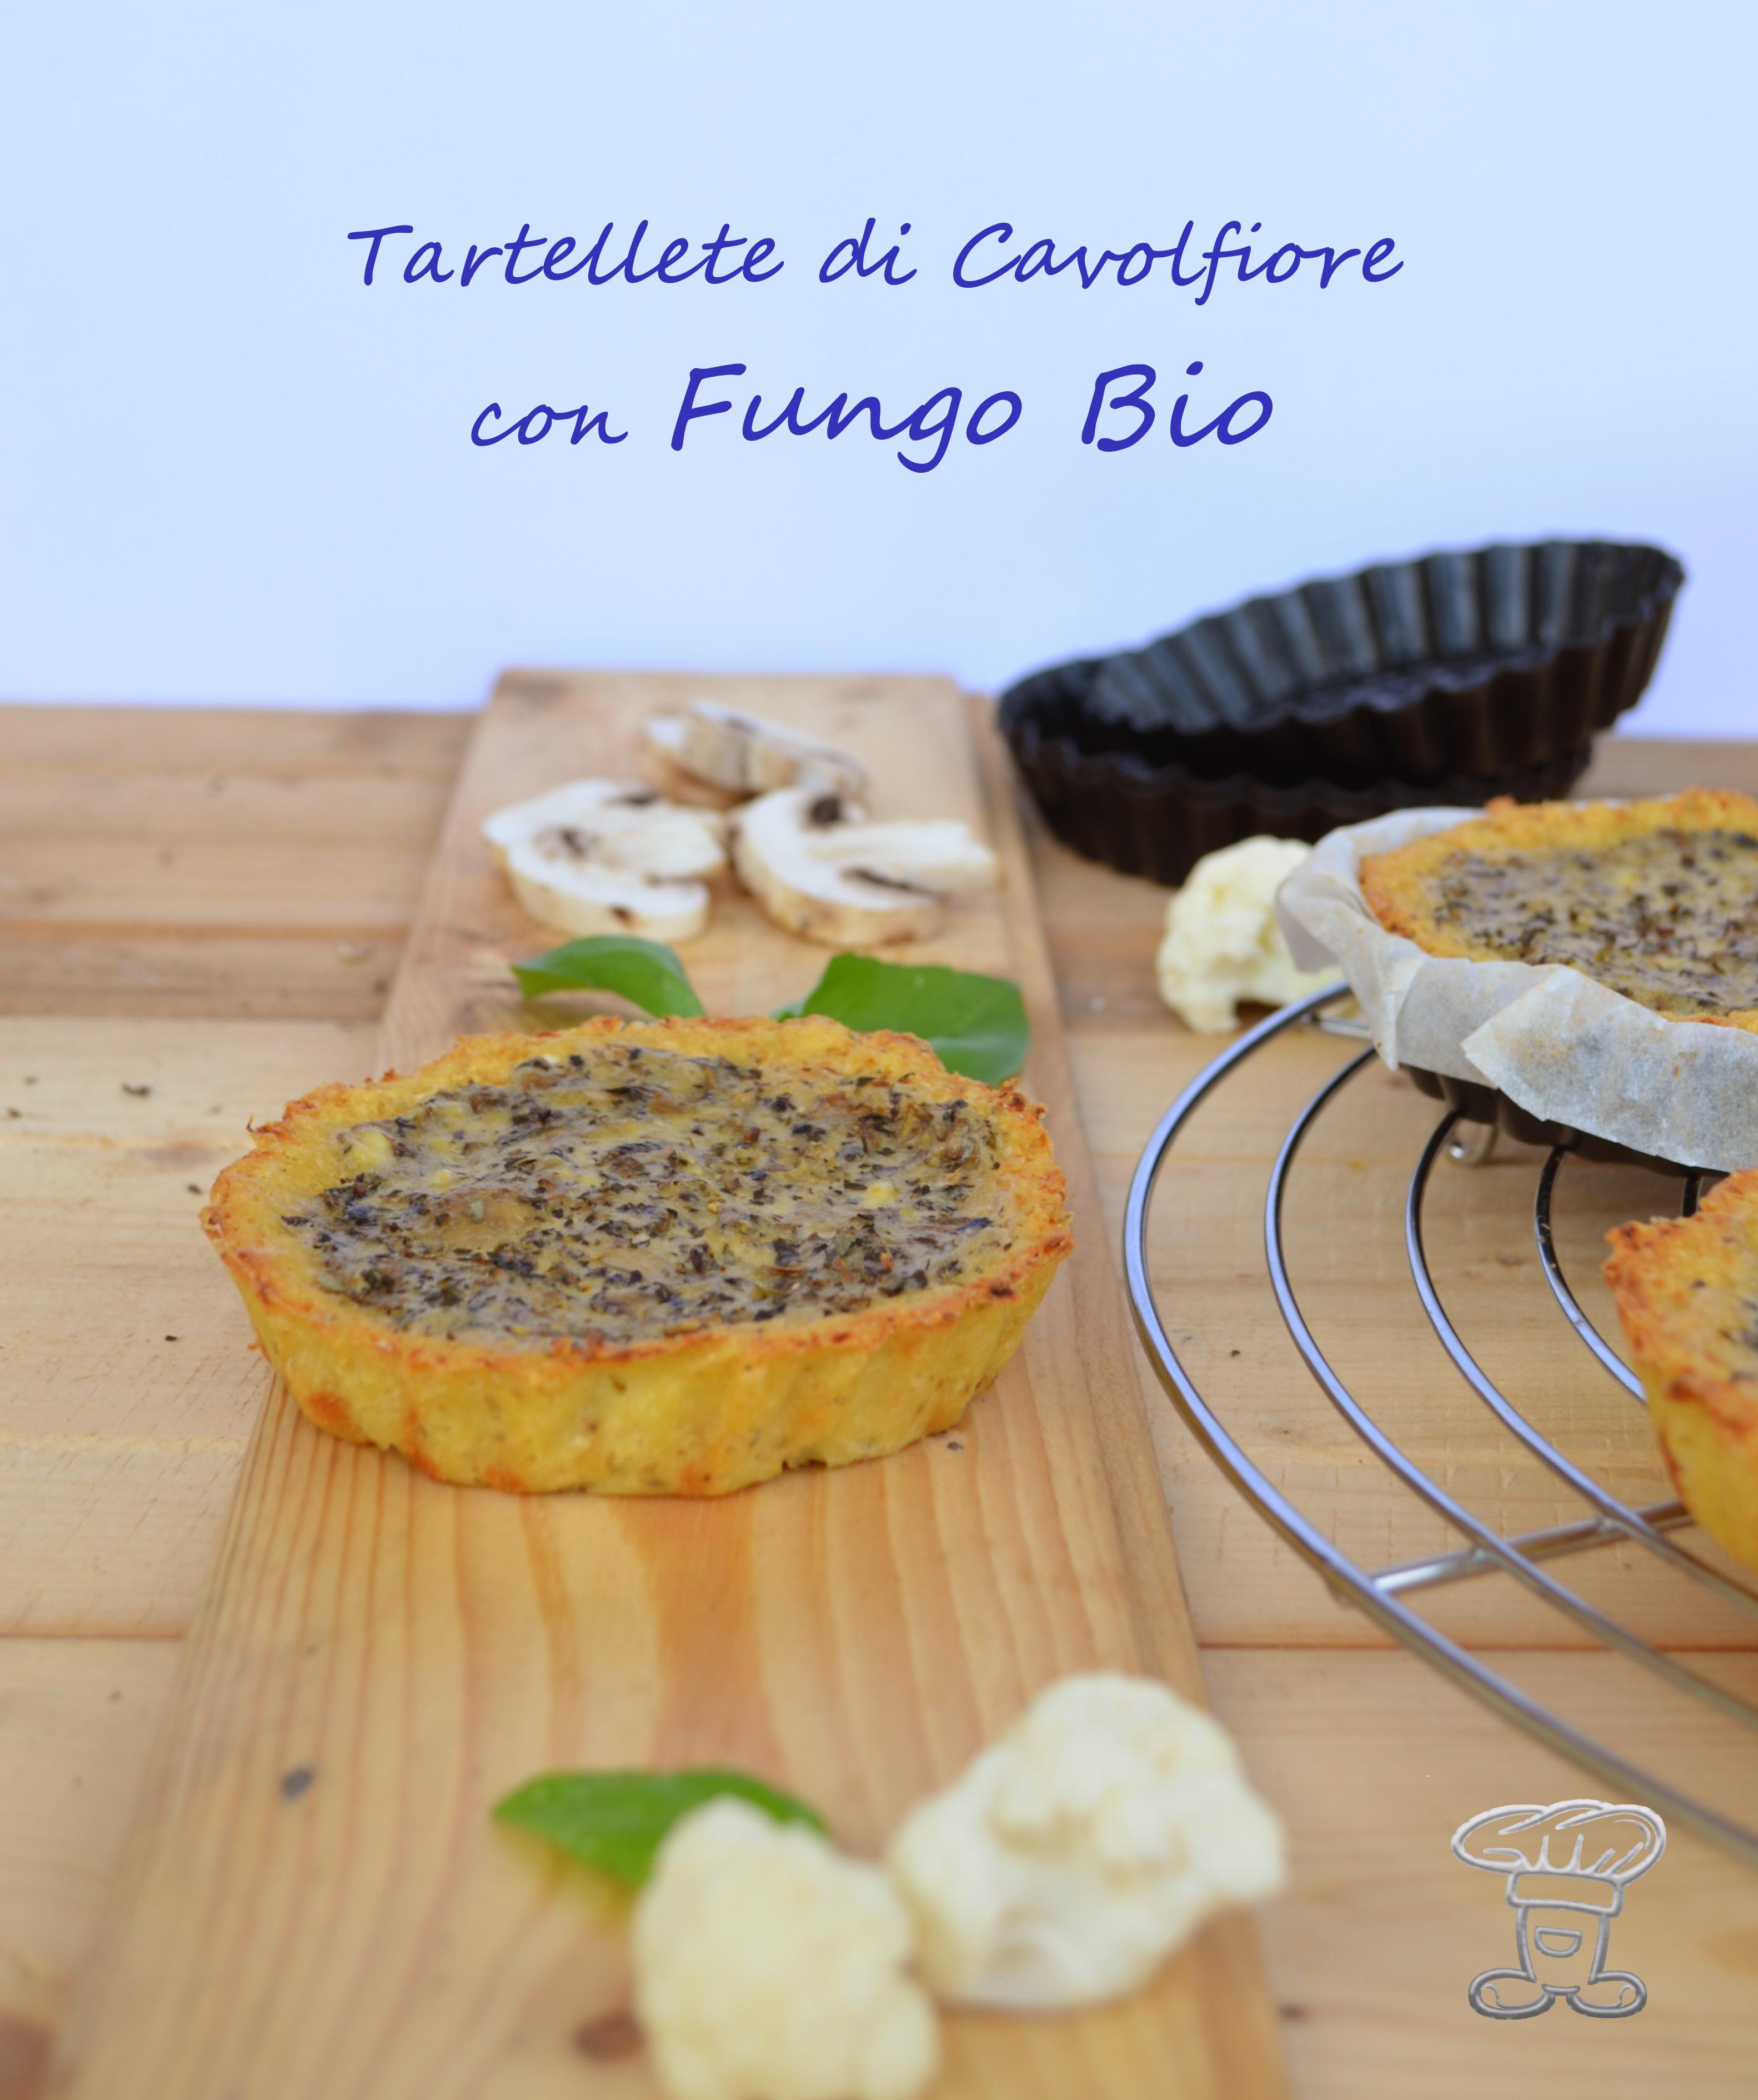 dsc_0207 Tartellette di cavolfiore con Fungo Bio e lo Show cooking di Marco Bianchi